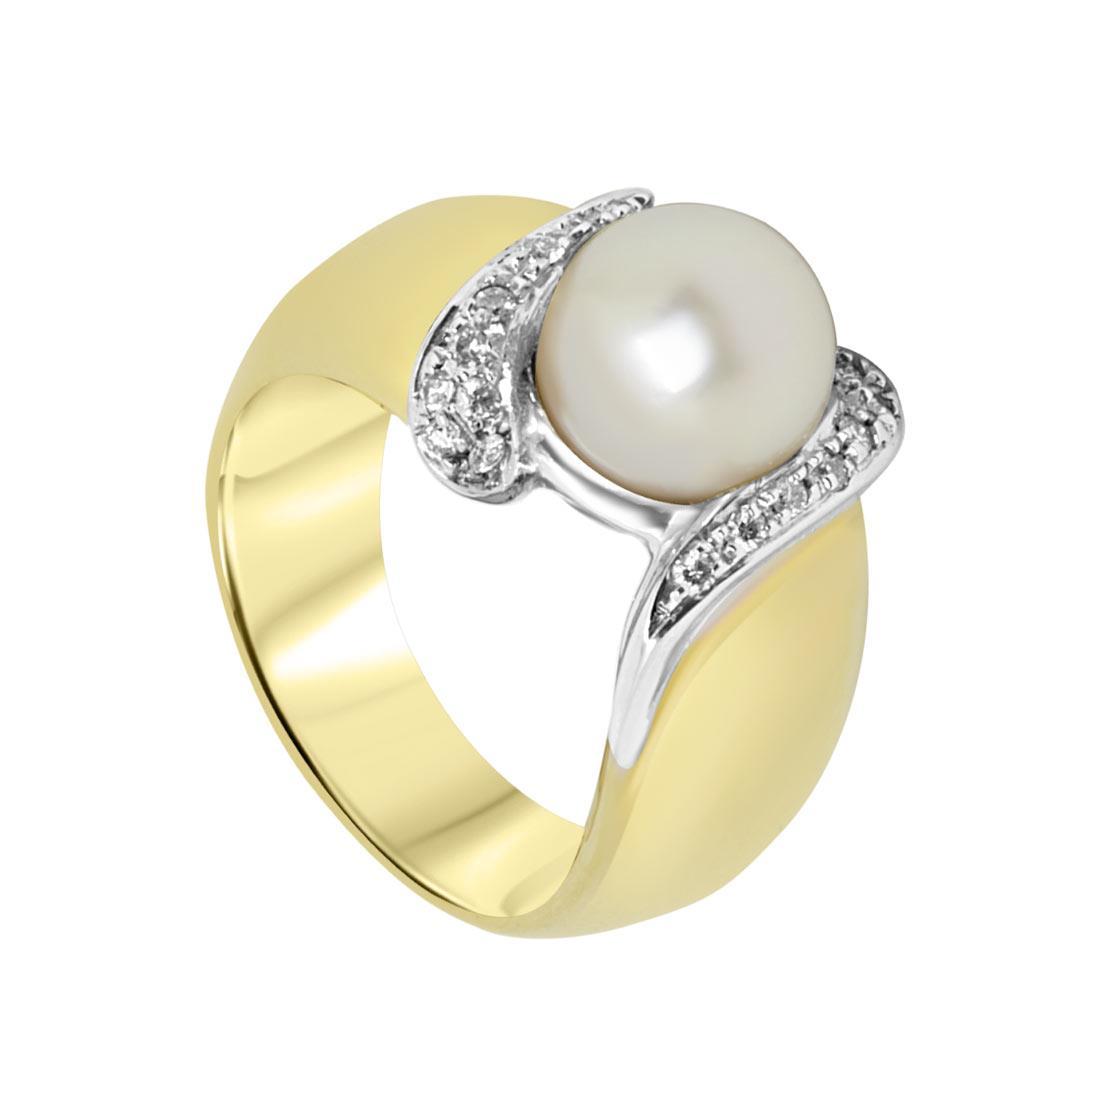 Anello Oro & Co  in oro giallo con diamanti 0.14 e perla, misura 12 - ORO&CO